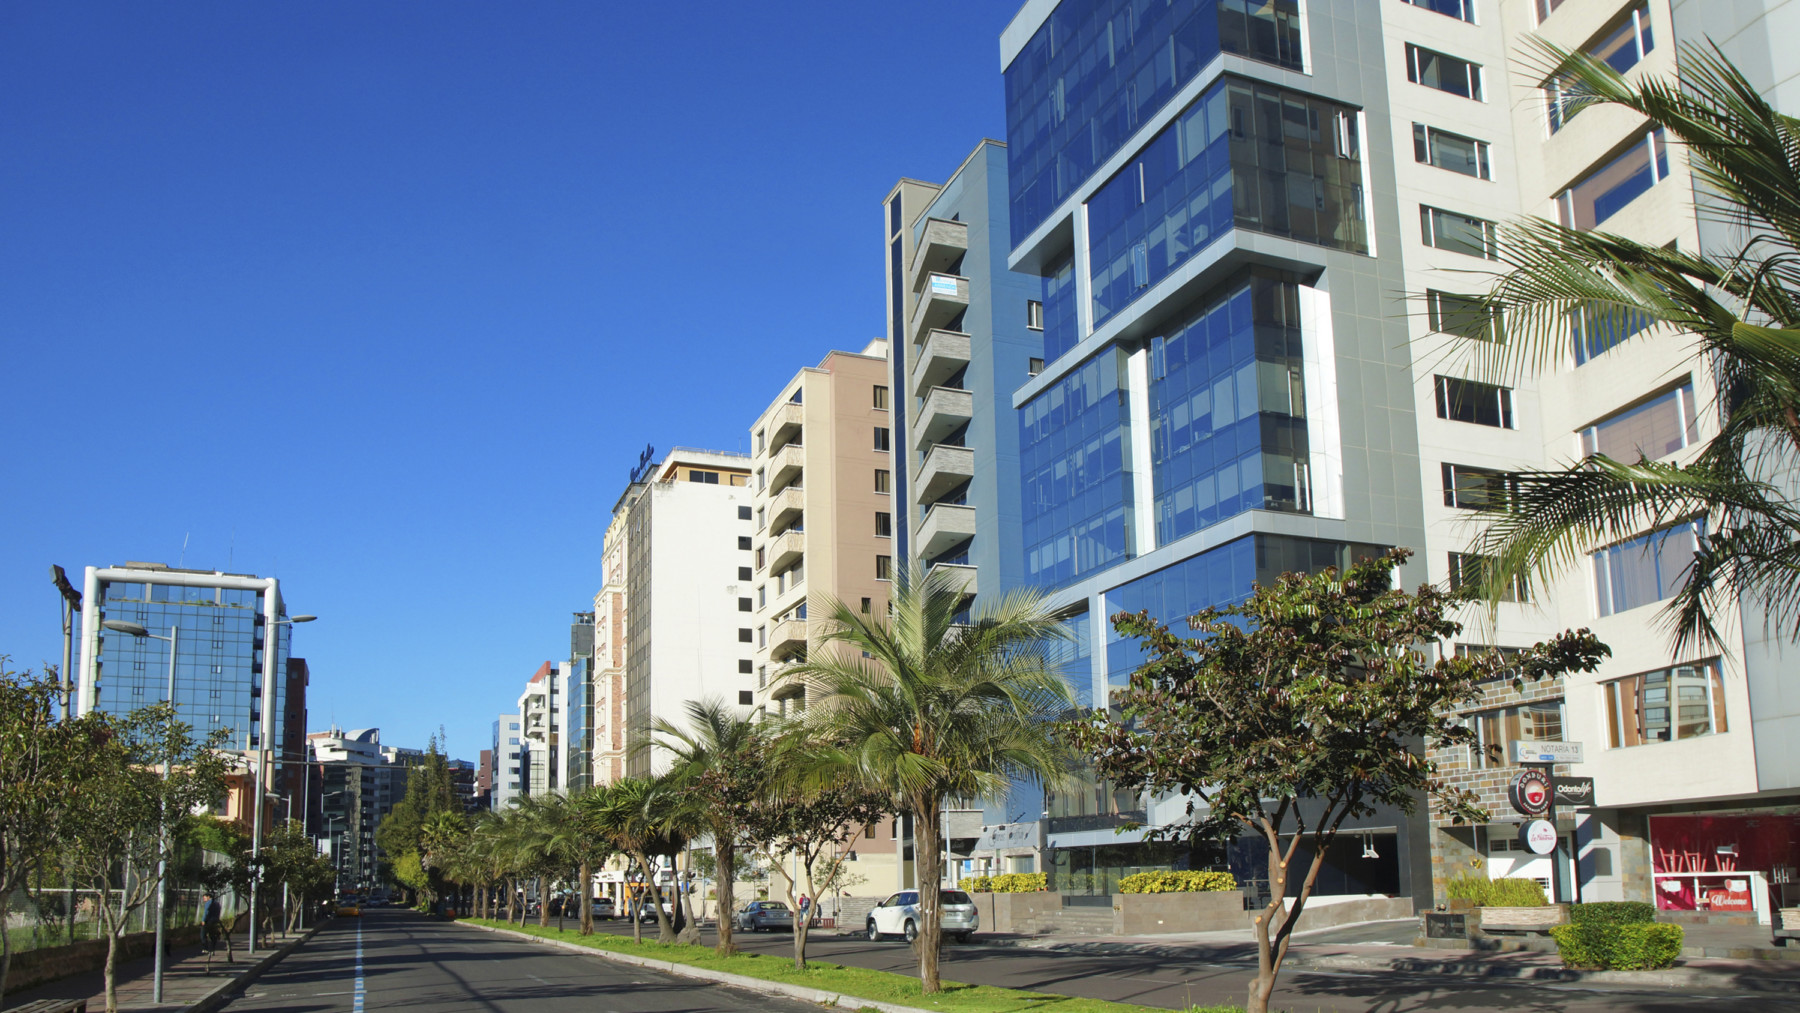 {alt=Republica del Salvador, height=1013, loading=disabled, max_height=1013, max_width=1800, size_type=auto, src=https://f.hubspotusercontent20.net/hubfs/3437373/web/REP-DEL-SALVADOR-1800x1013.jpg, width=1800}